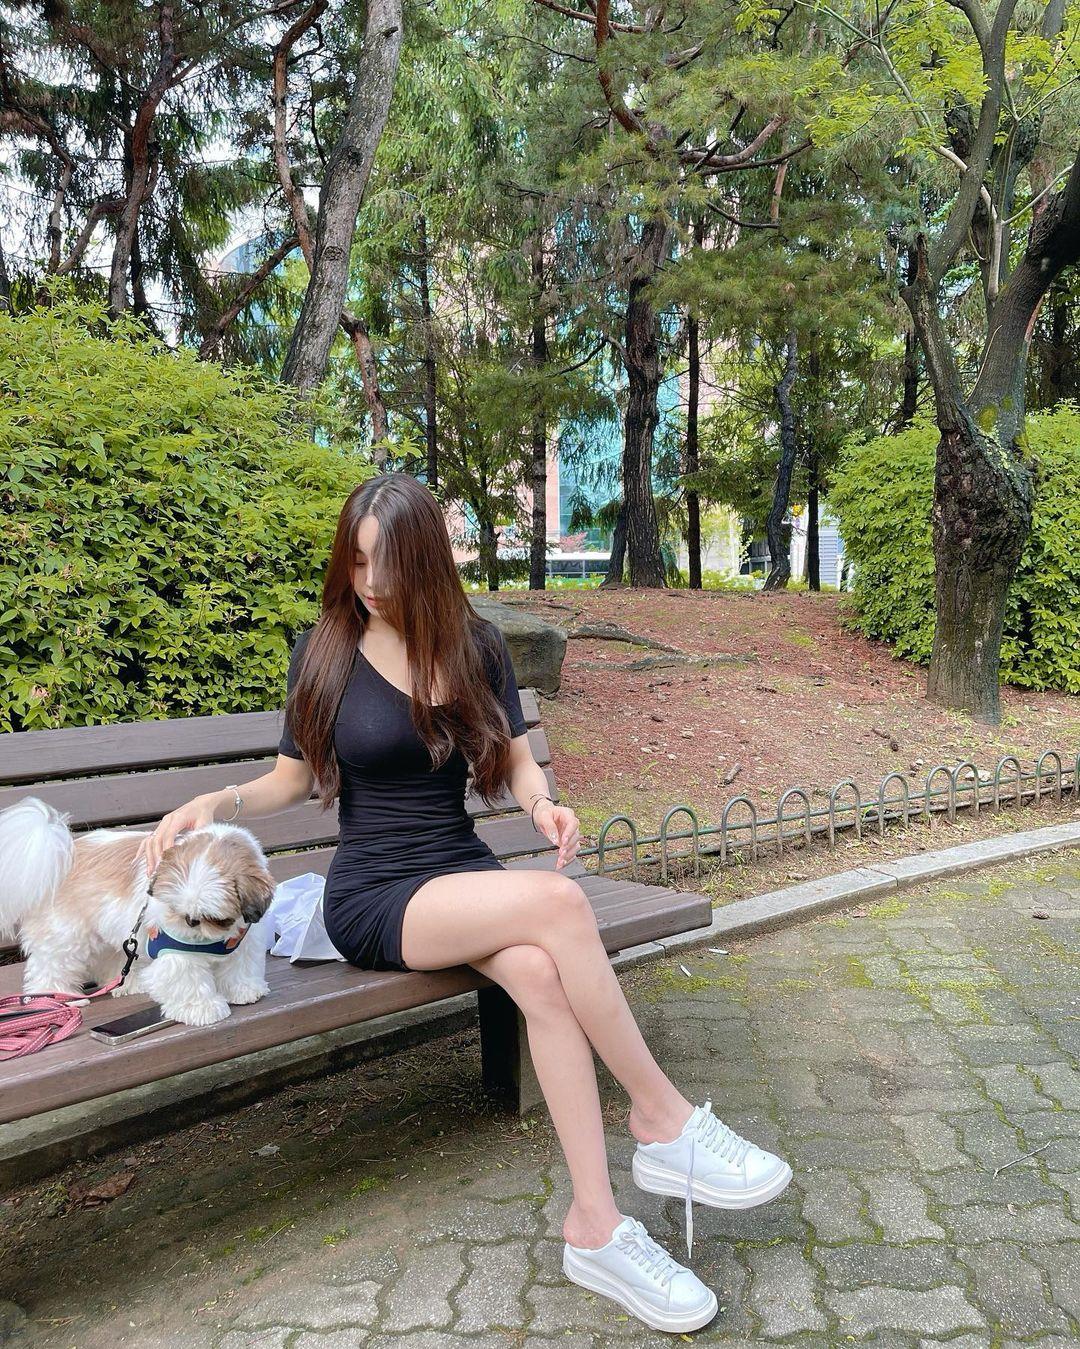 韩国的超气质美女(ins:oxxooi)完美颜值超迷人 养眼图片 第6张